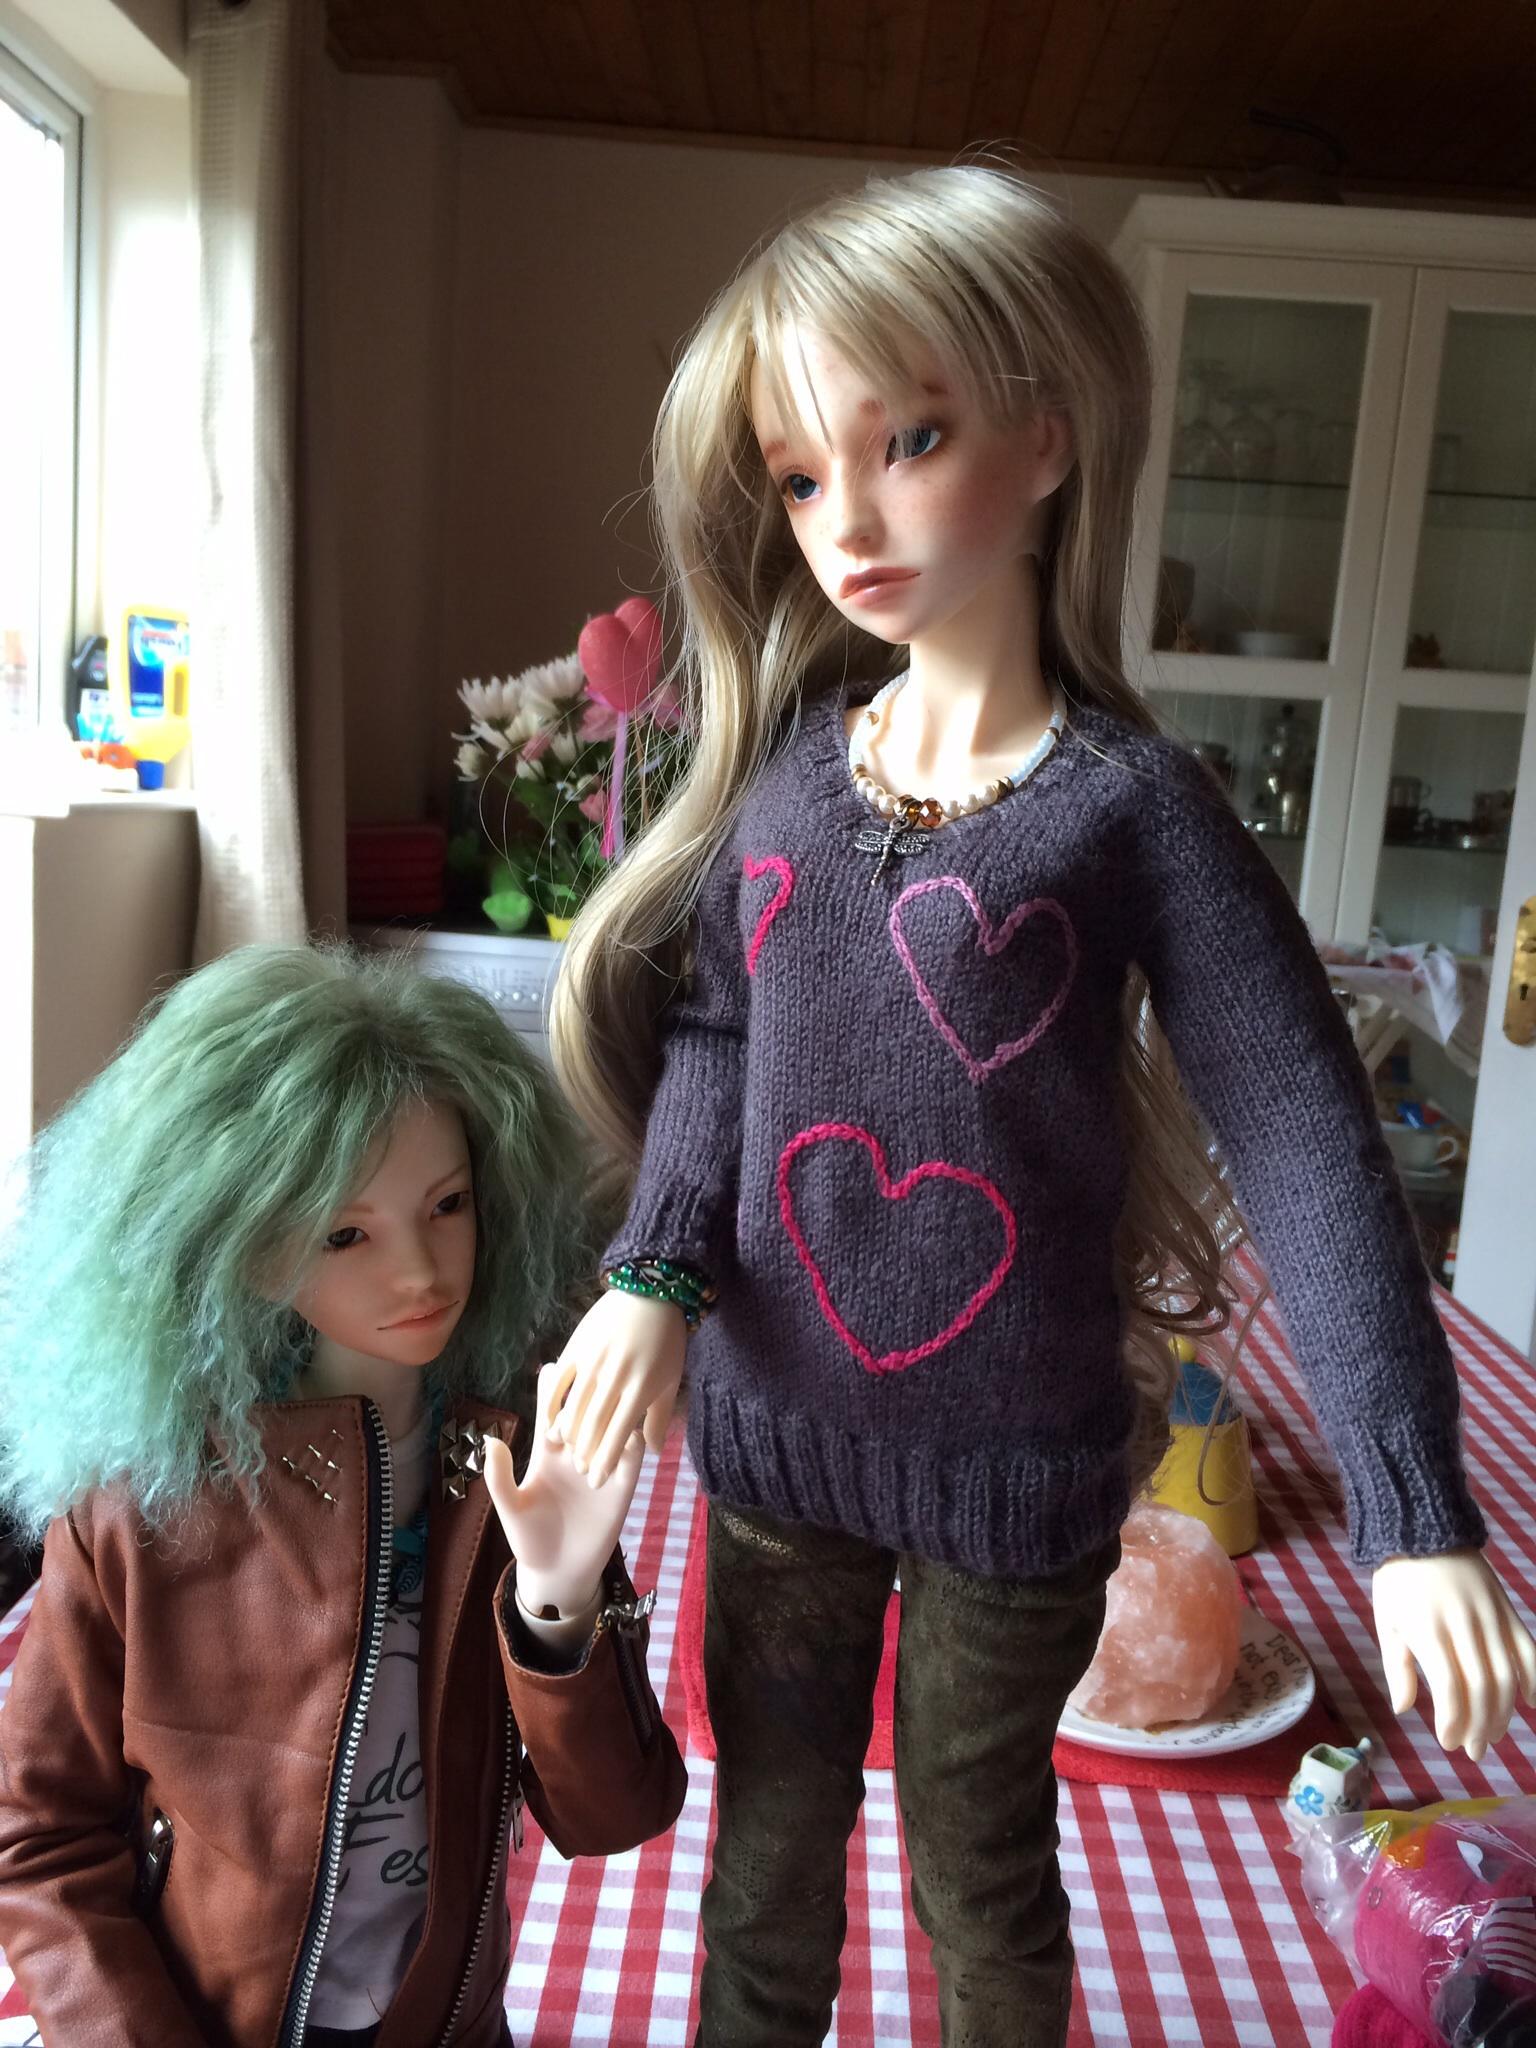 Knitting Tunic Type of Sweater